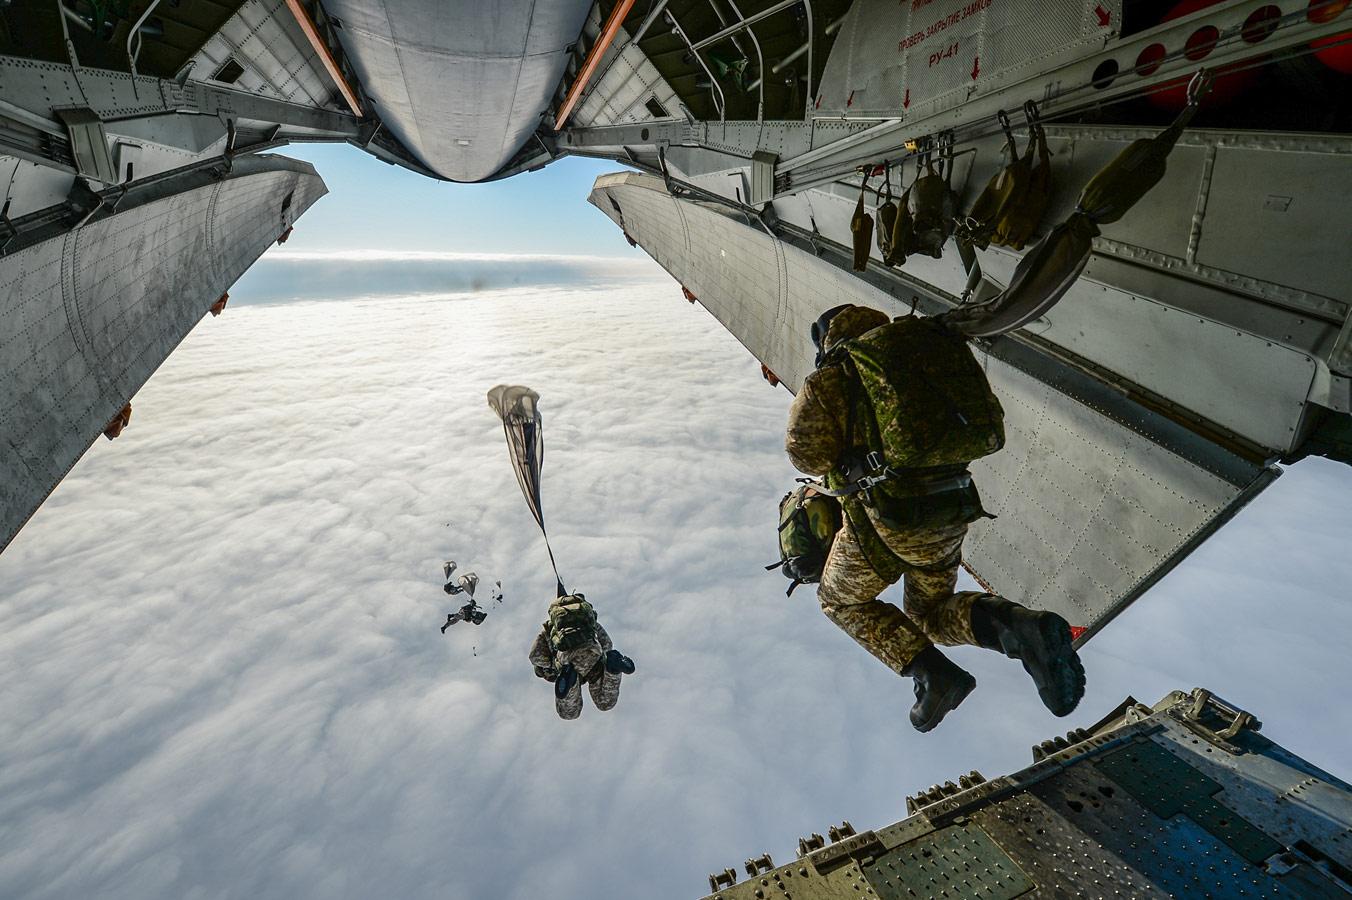 Прыжок в небо, © Алексей Иванов / Aleksey Ivanov, Россия, 2 место в номинации «Уличная фотография», Фотоконкурс 35AWARDS — 100 Best Photos